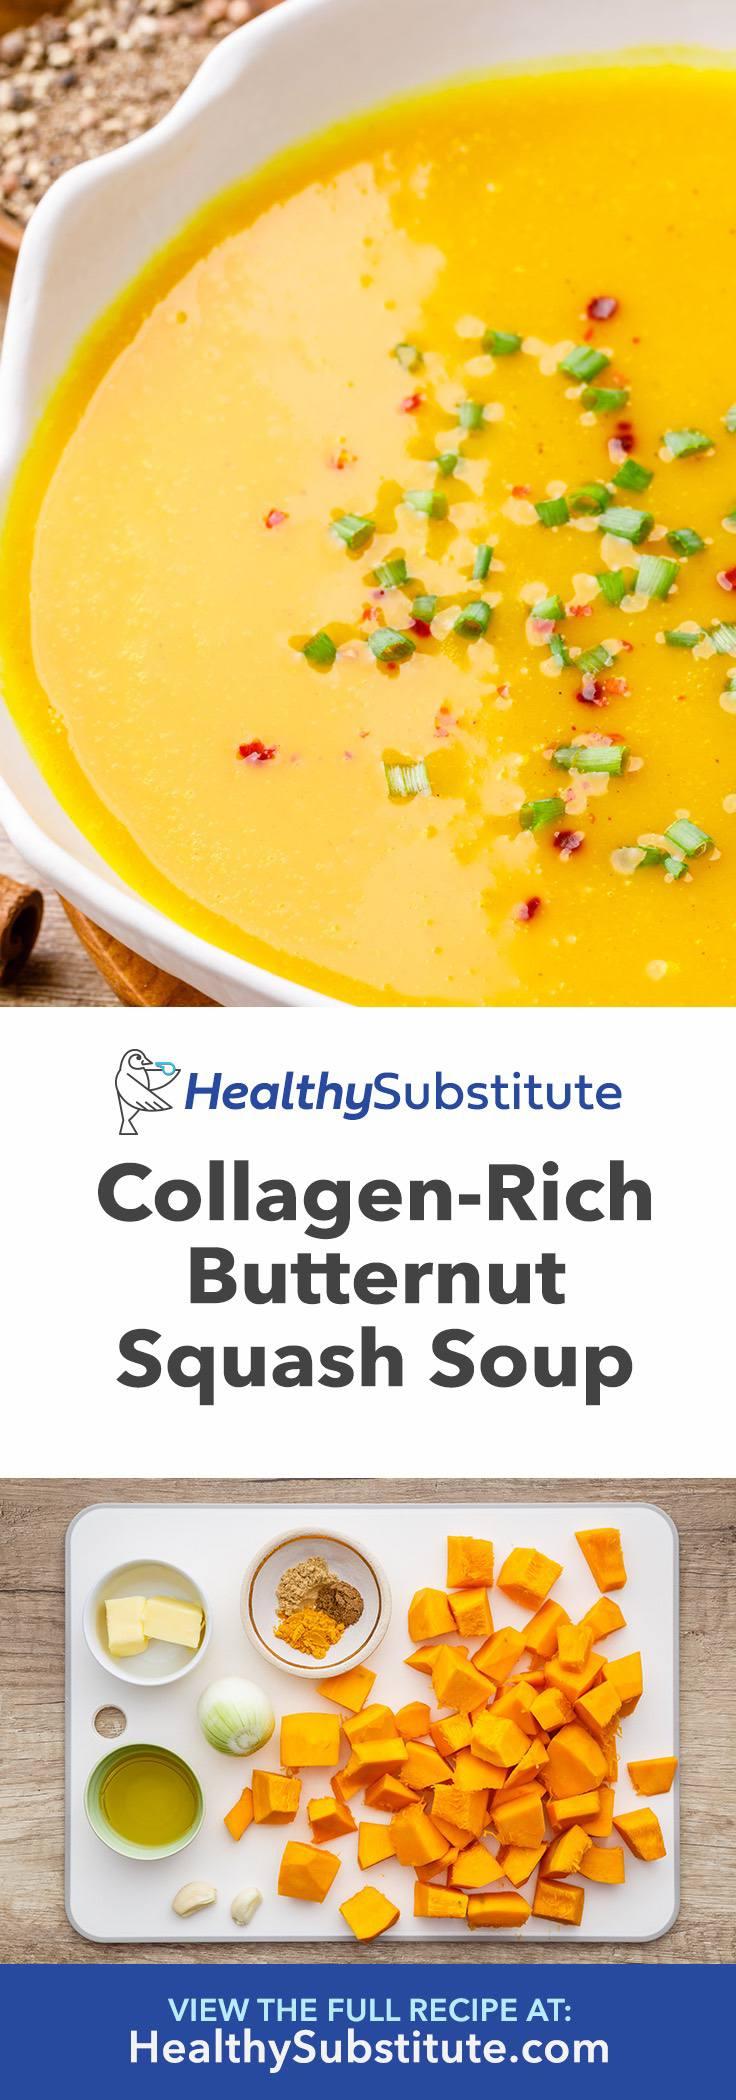 Collagen-Rich Butternut Squash Soup for Back Pain